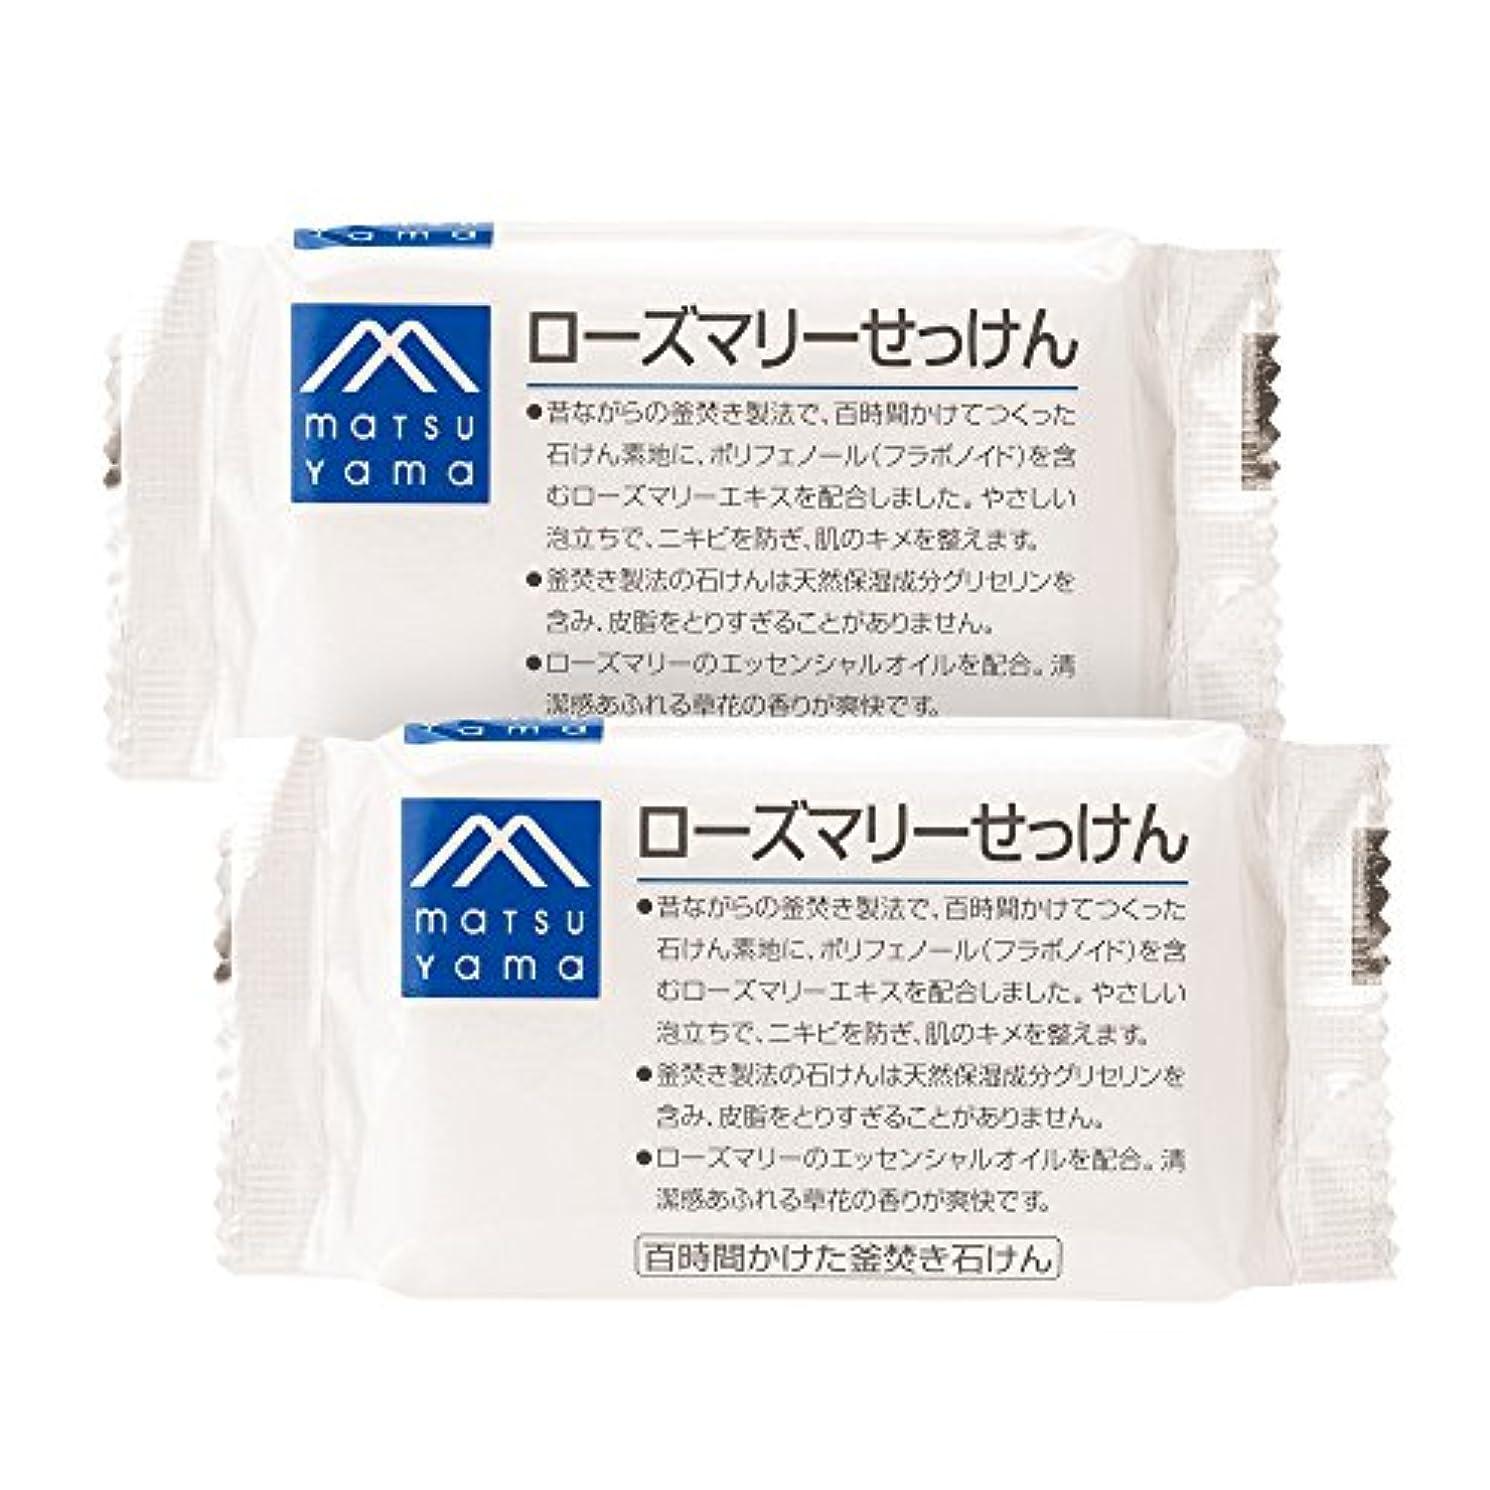 消毒剤広告する多くの危険がある状況M-mark ローズマリーせっけん2個セット